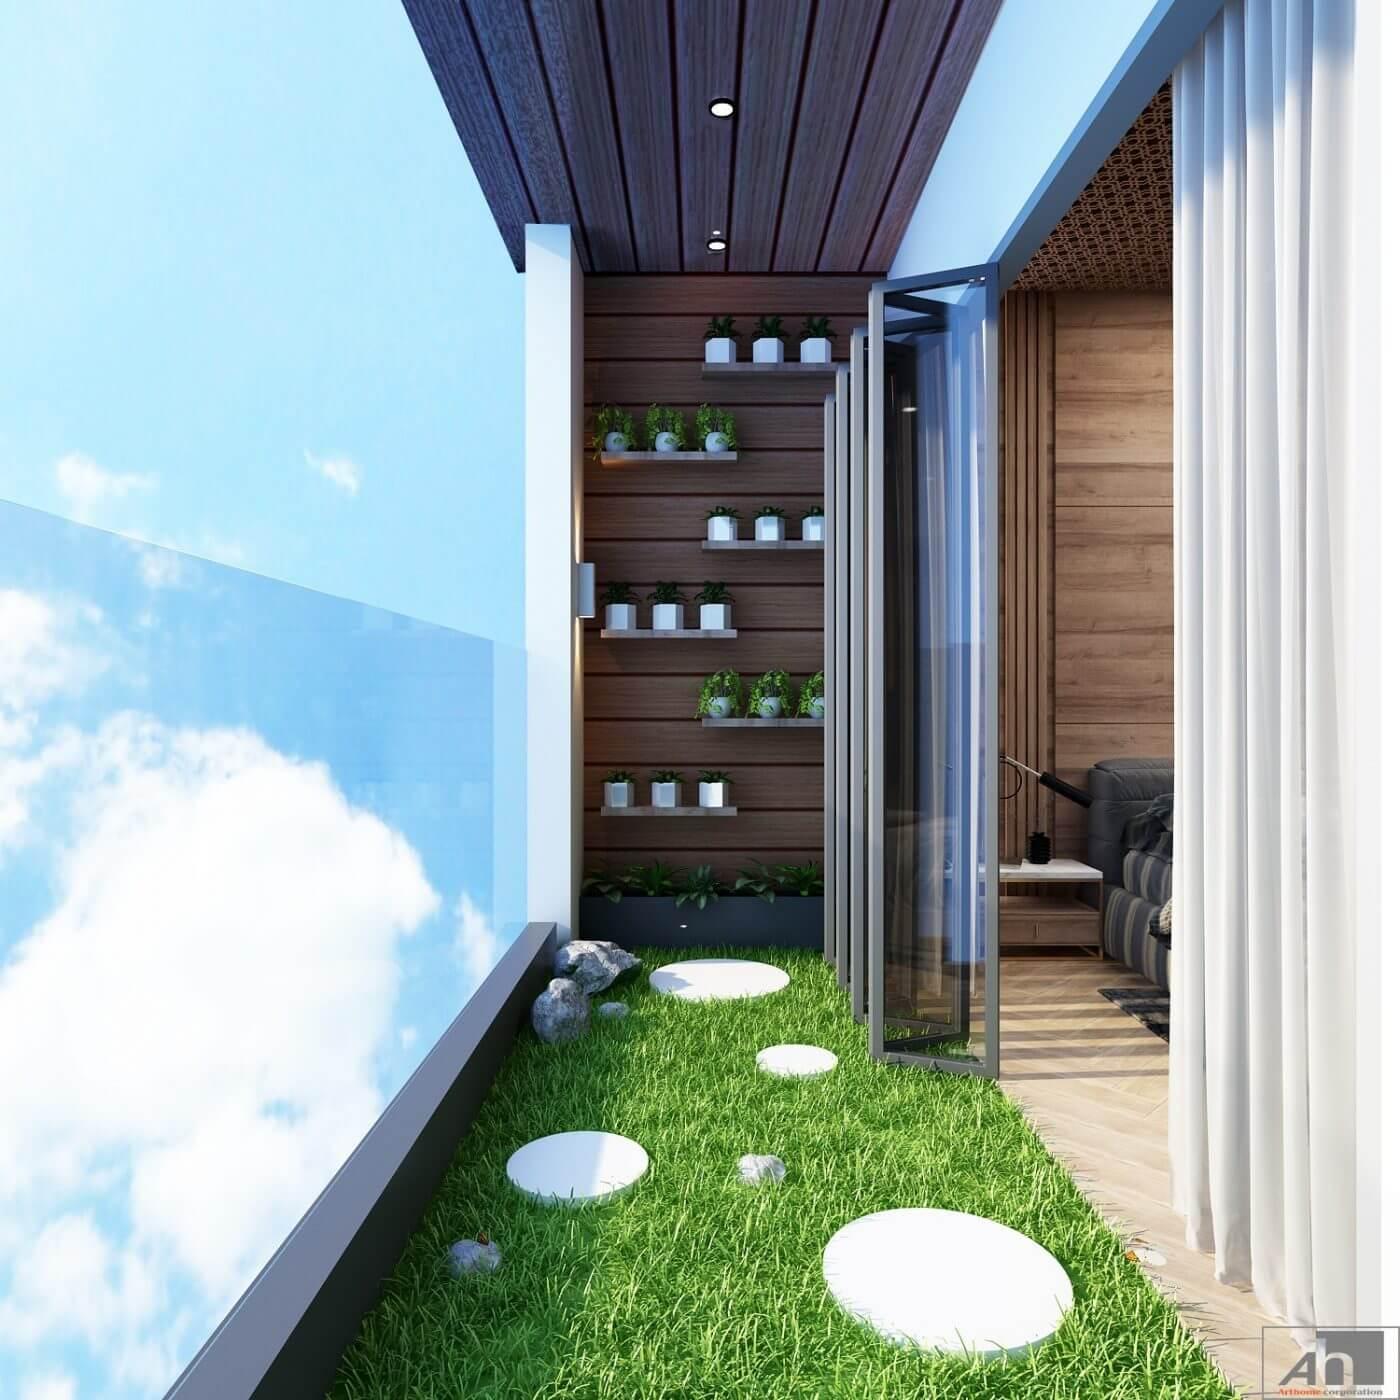 thiết kế nội thất biệt thự quận 7